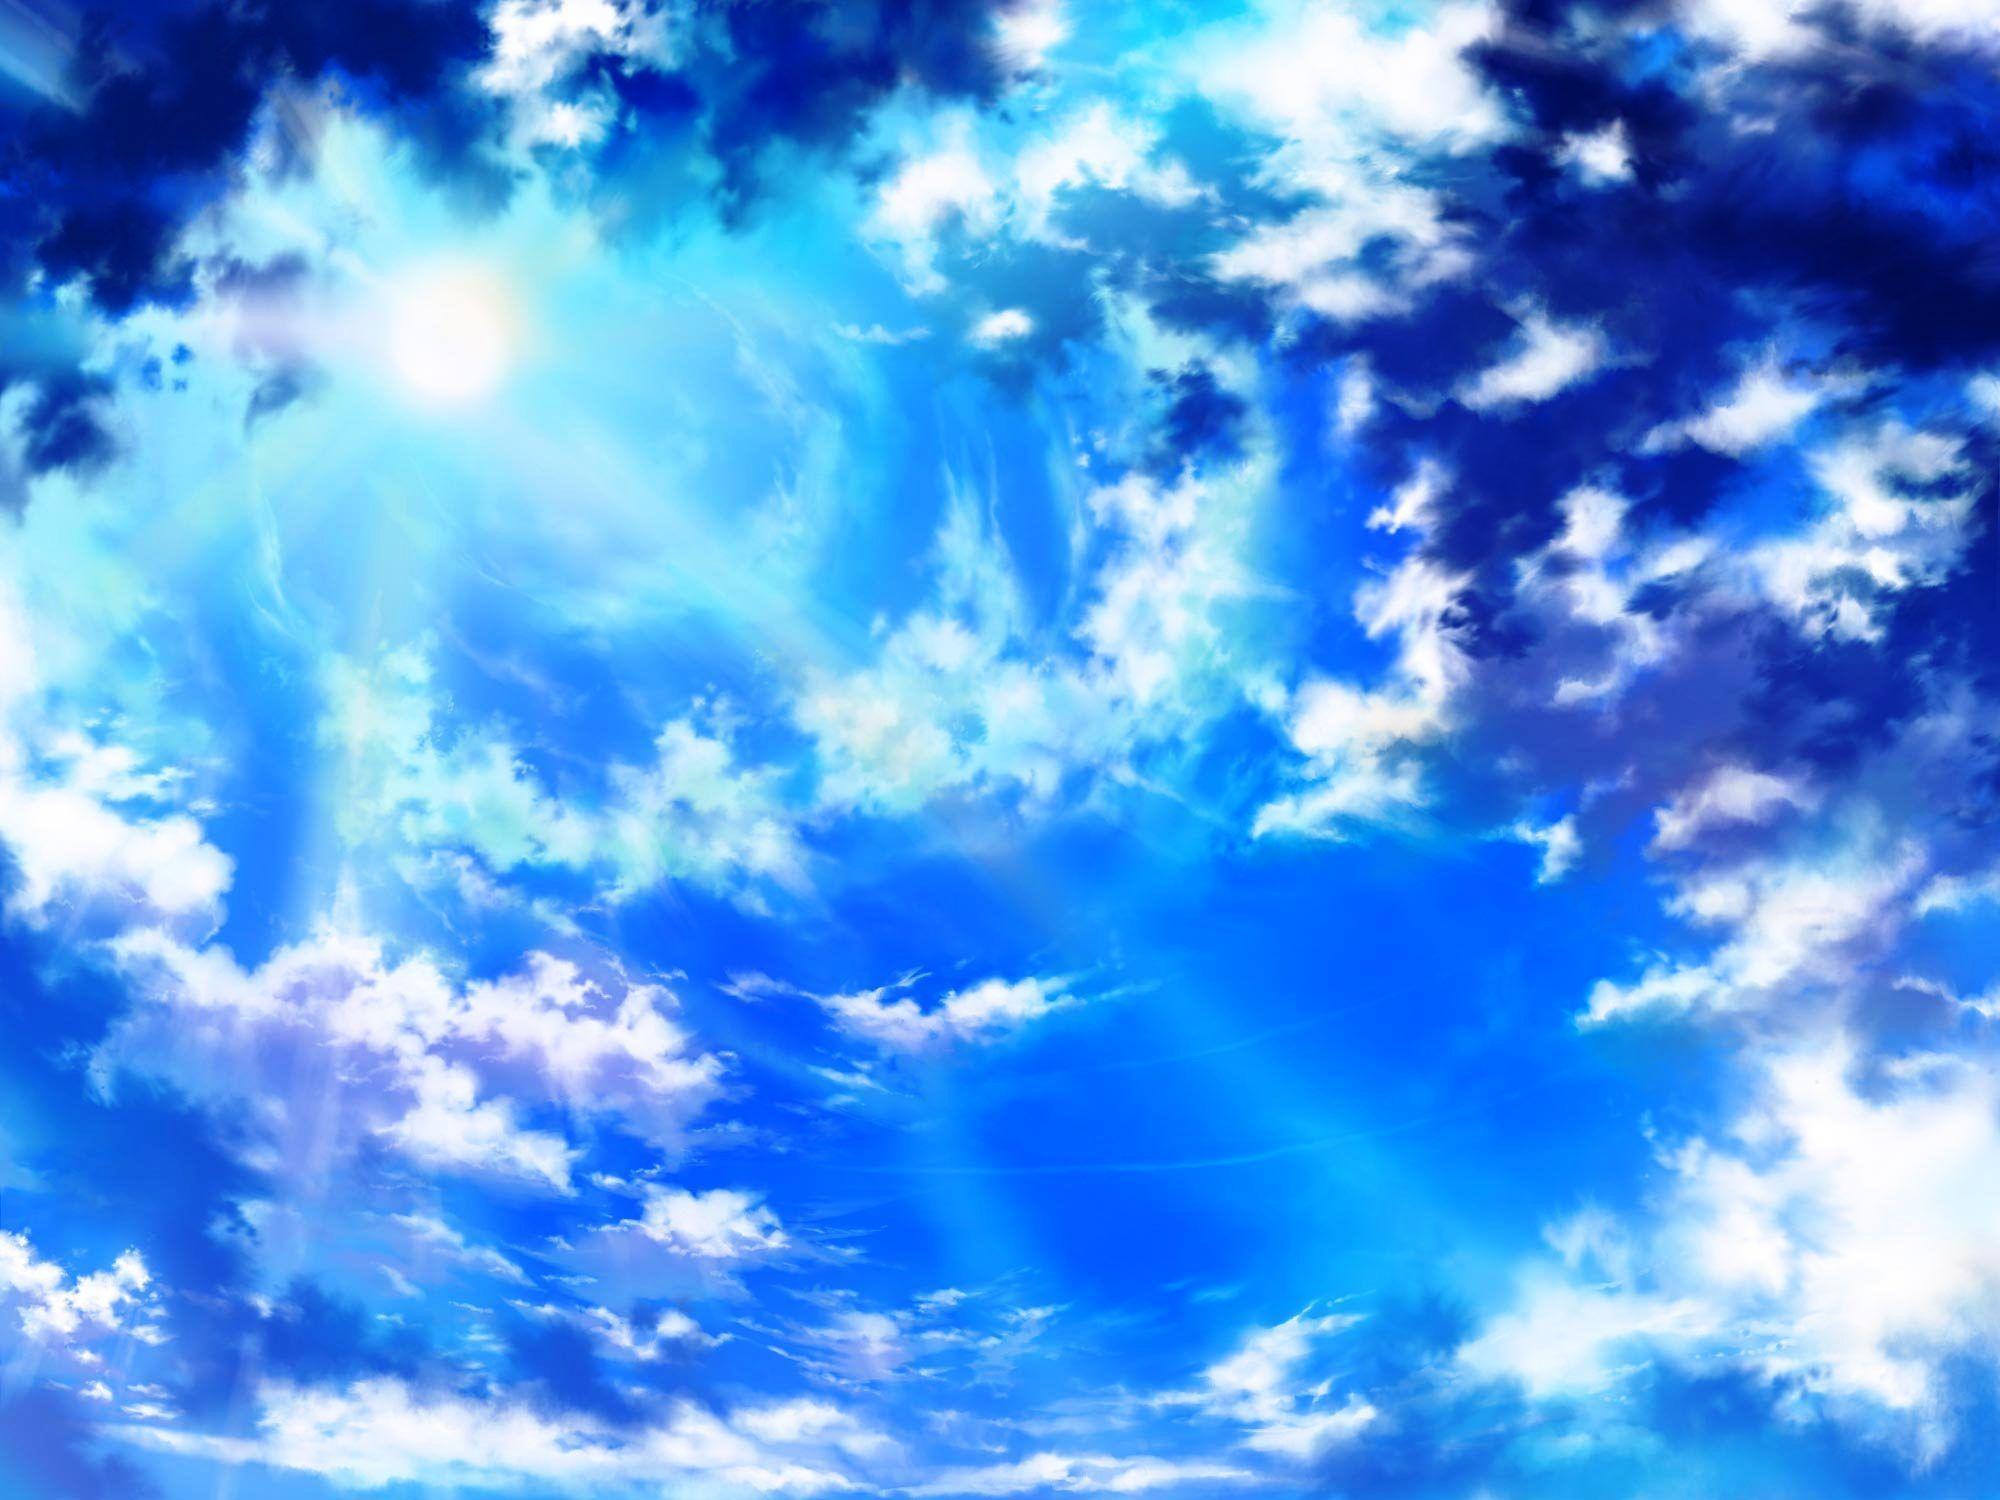 sky anime